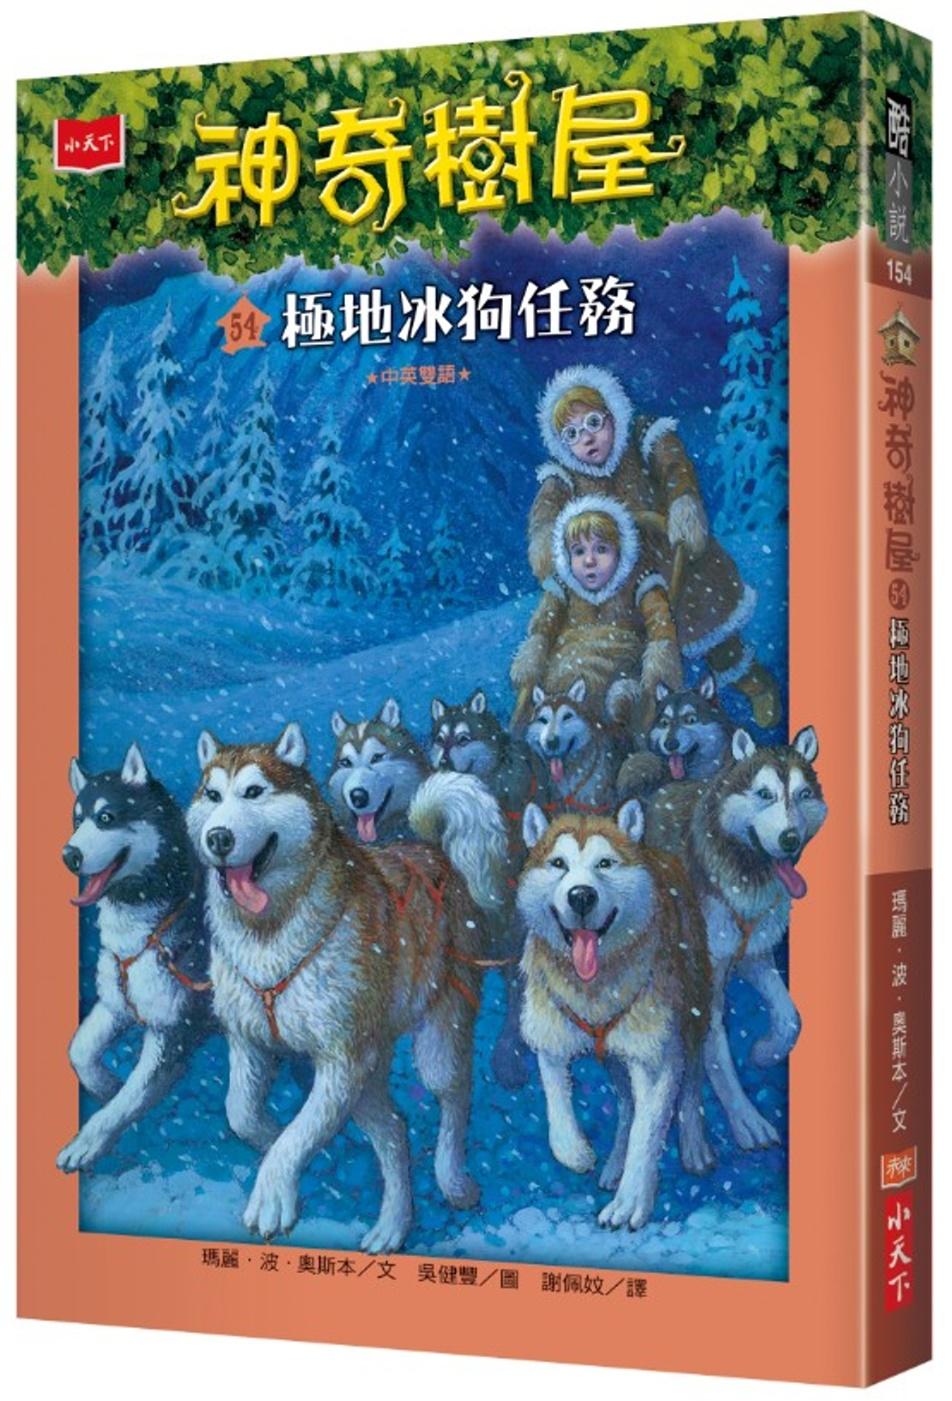 神奇樹屋54:極地冰狗任務